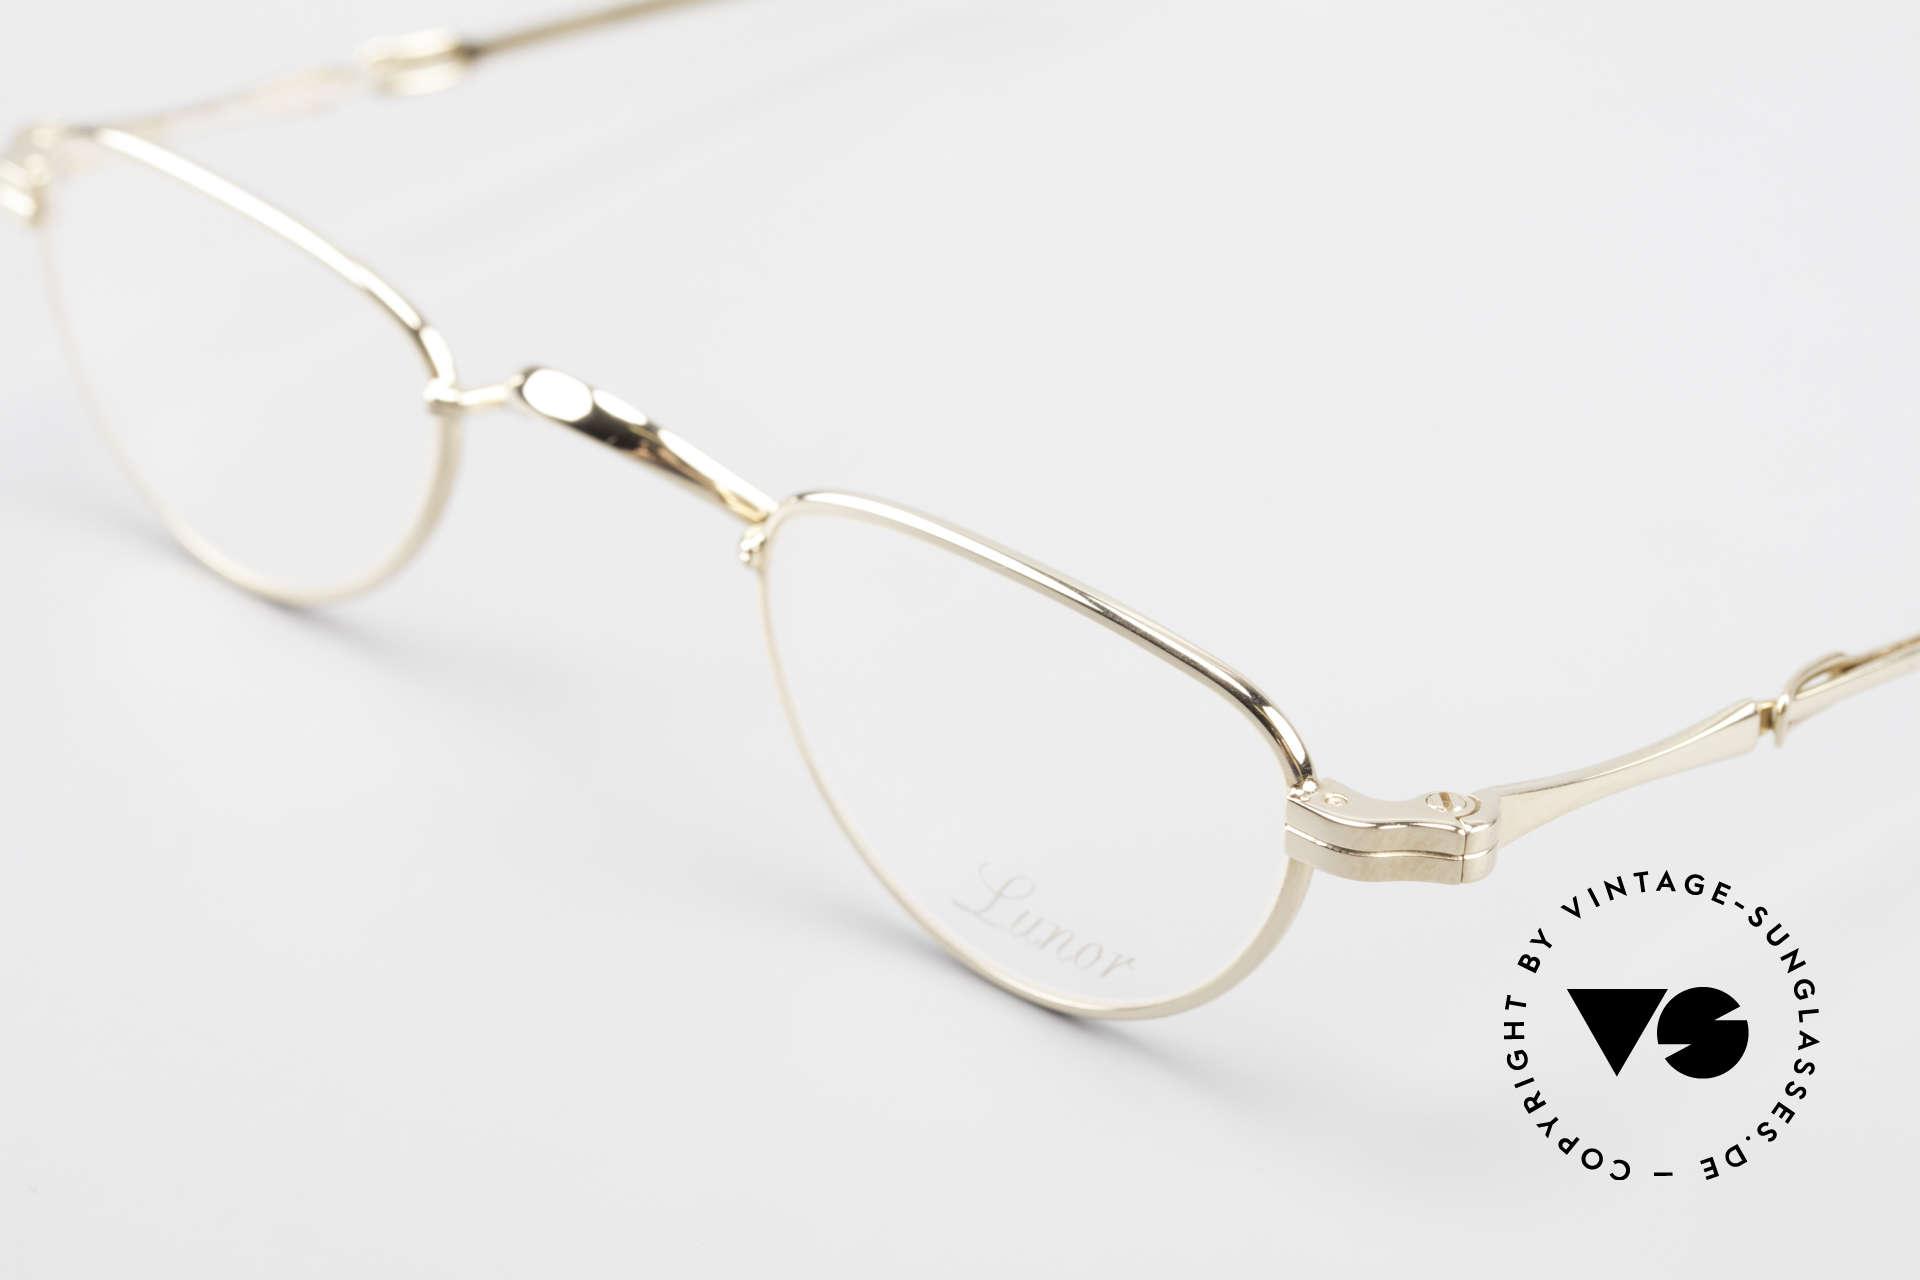 Lunor I 06 Telescopic Ausziehbare Brille Vergoldet, bekannt für den W-Steg und die schlichten Formen, Passend für Herren und Damen